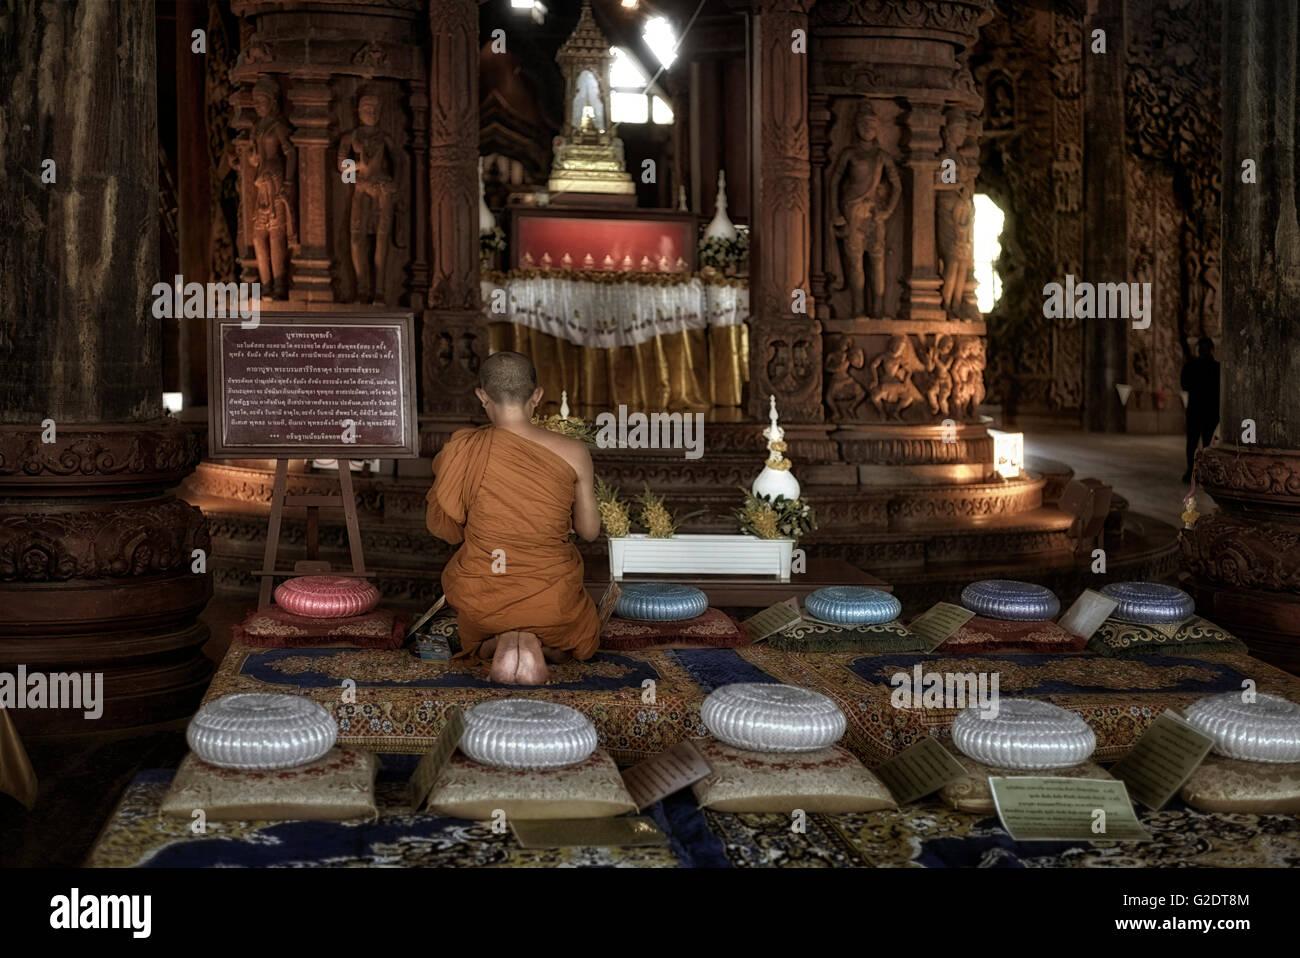 L'un moine en prière au Sanctuaire de la vérité Buddhist Temple Hindou. S. E. Asia Pattaya Thaïlande Photo Stock